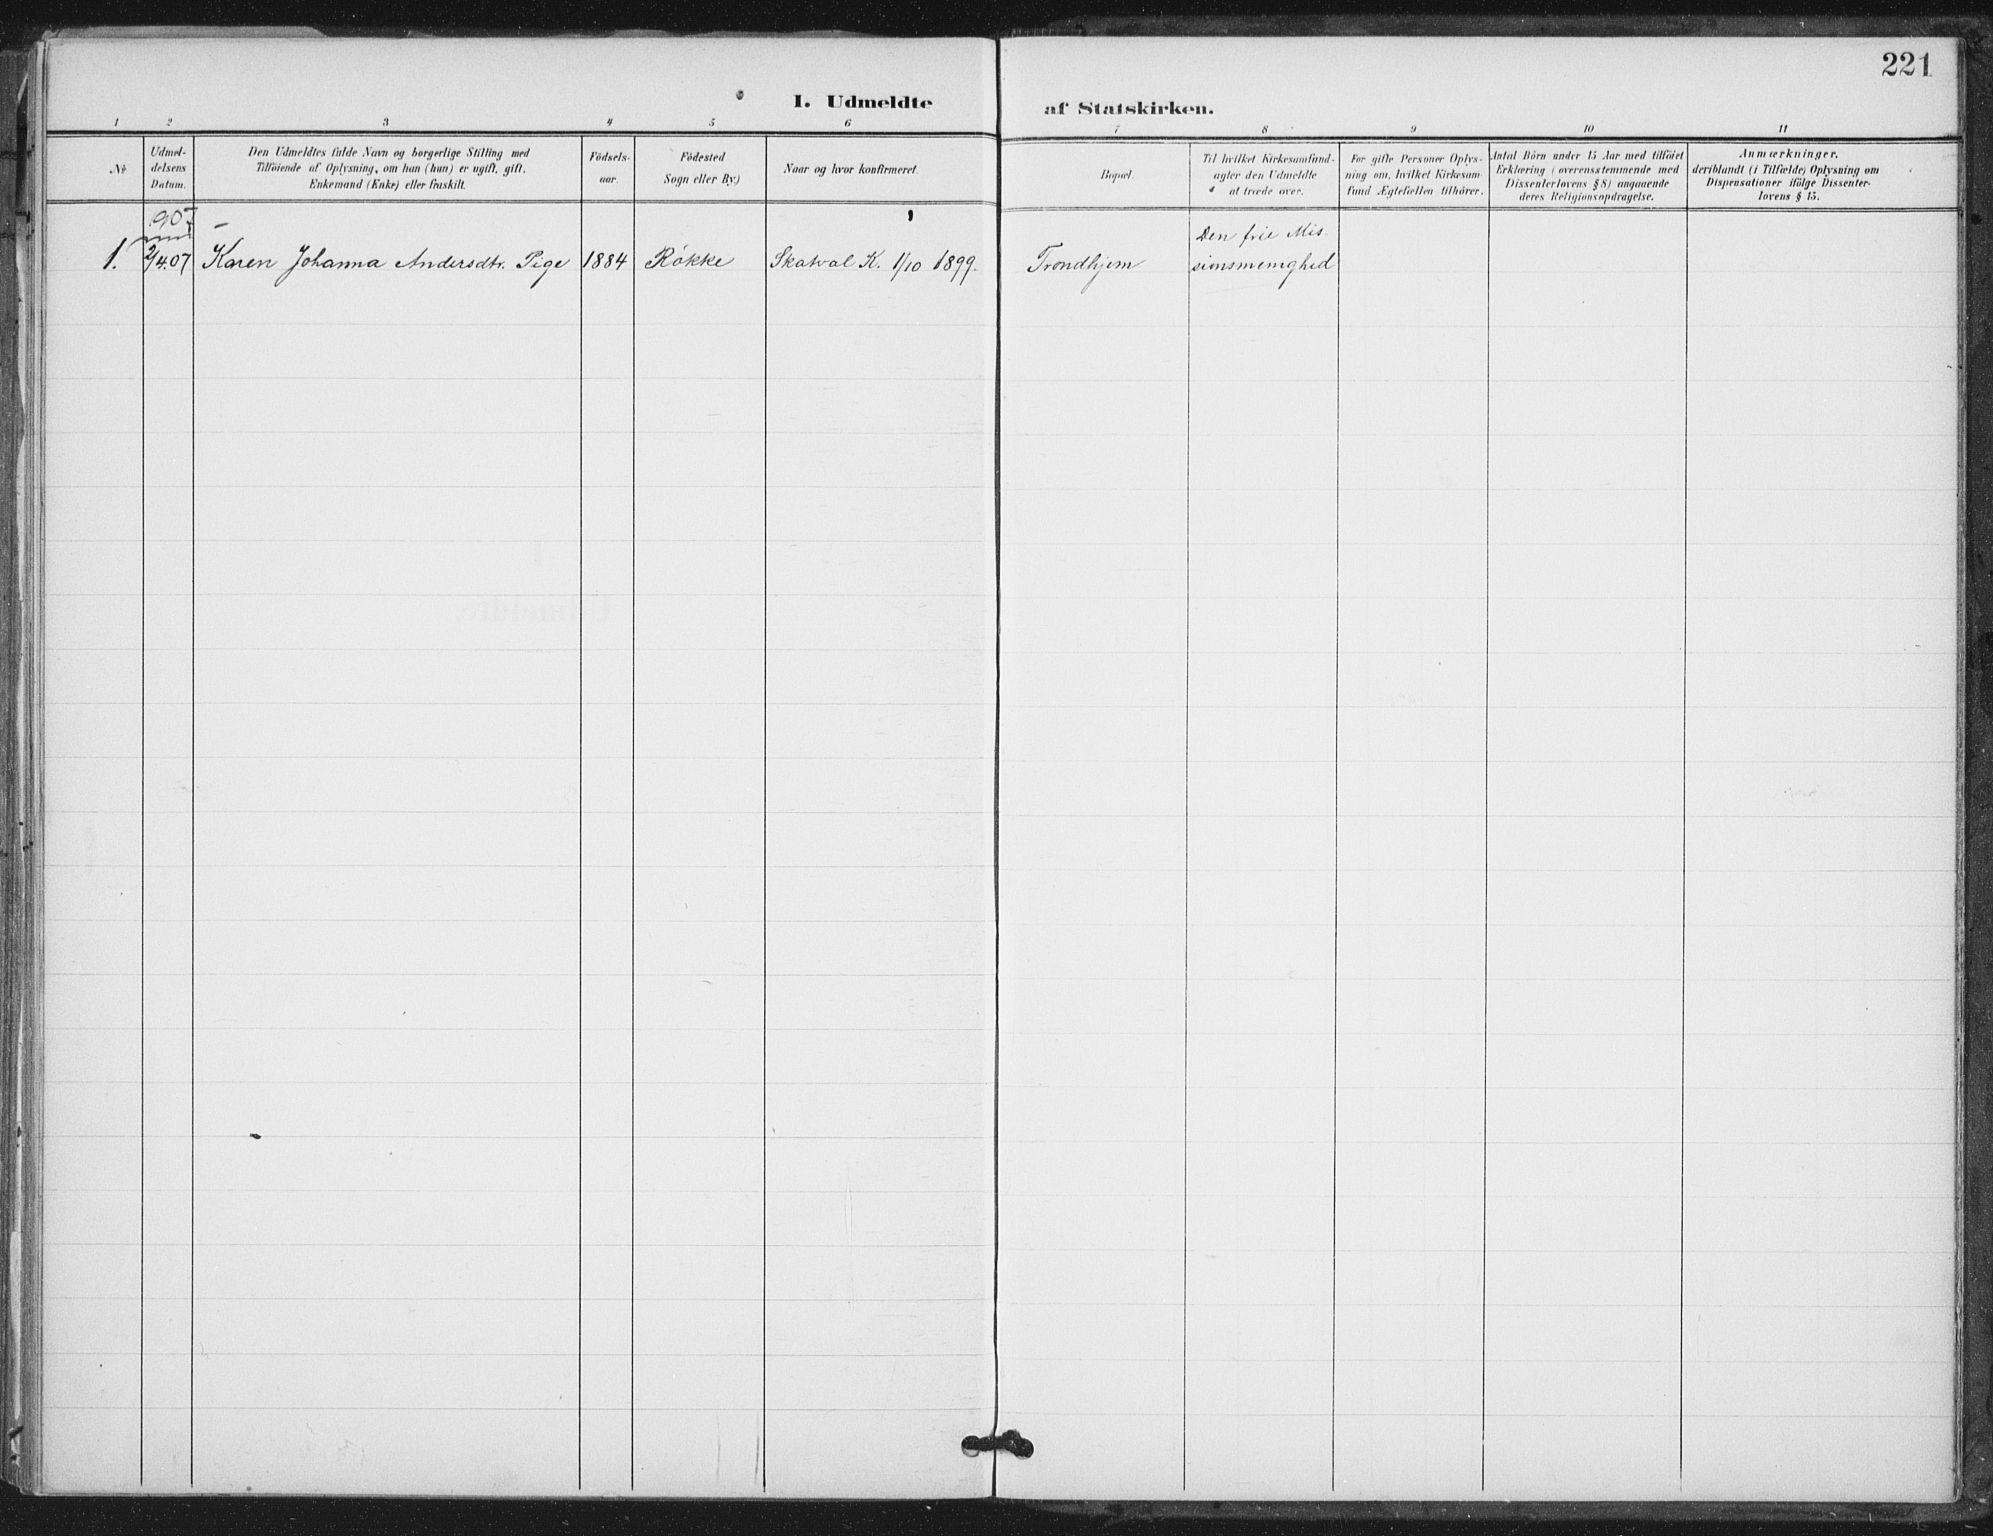 SAT, Ministerialprotokoller, klokkerbøker og fødselsregistre - Nord-Trøndelag, 712/L0101: Ministerialbok nr. 712A02, 1901-1916, s. 221